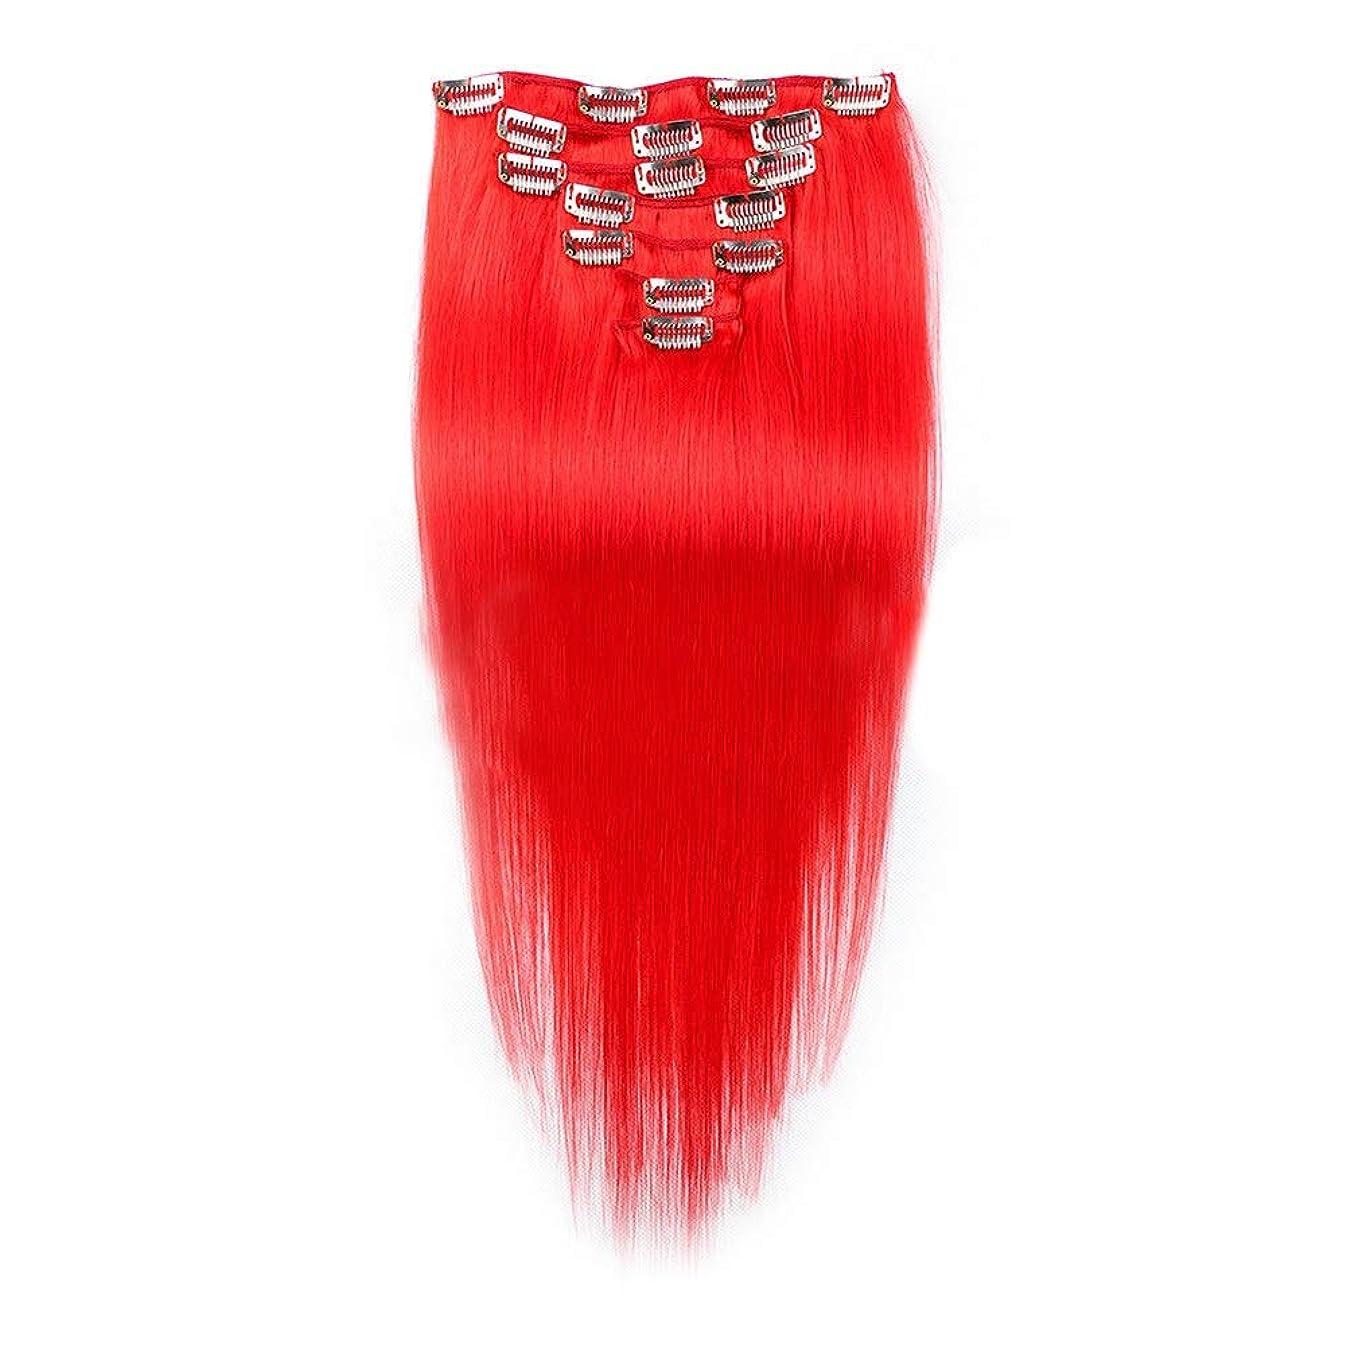 揃えるボリューム絡み合いYrattary 7ピースフルヘッドセットクリップでヘアエクステンションヘアピースシルキーストレート人間の髪16